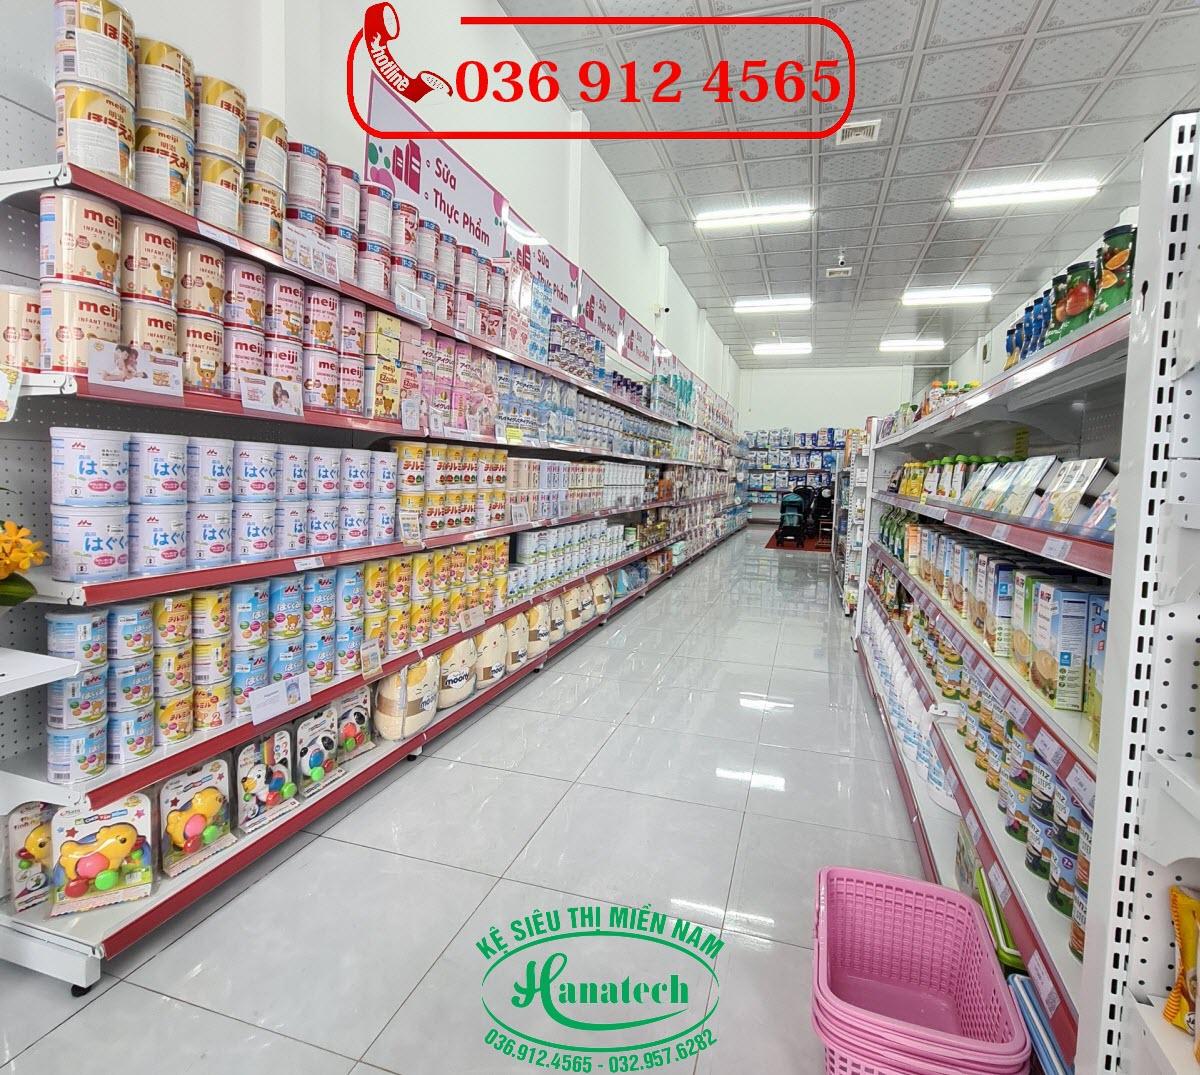 Giá kệ trưng bày sữa tại Tây Ninh